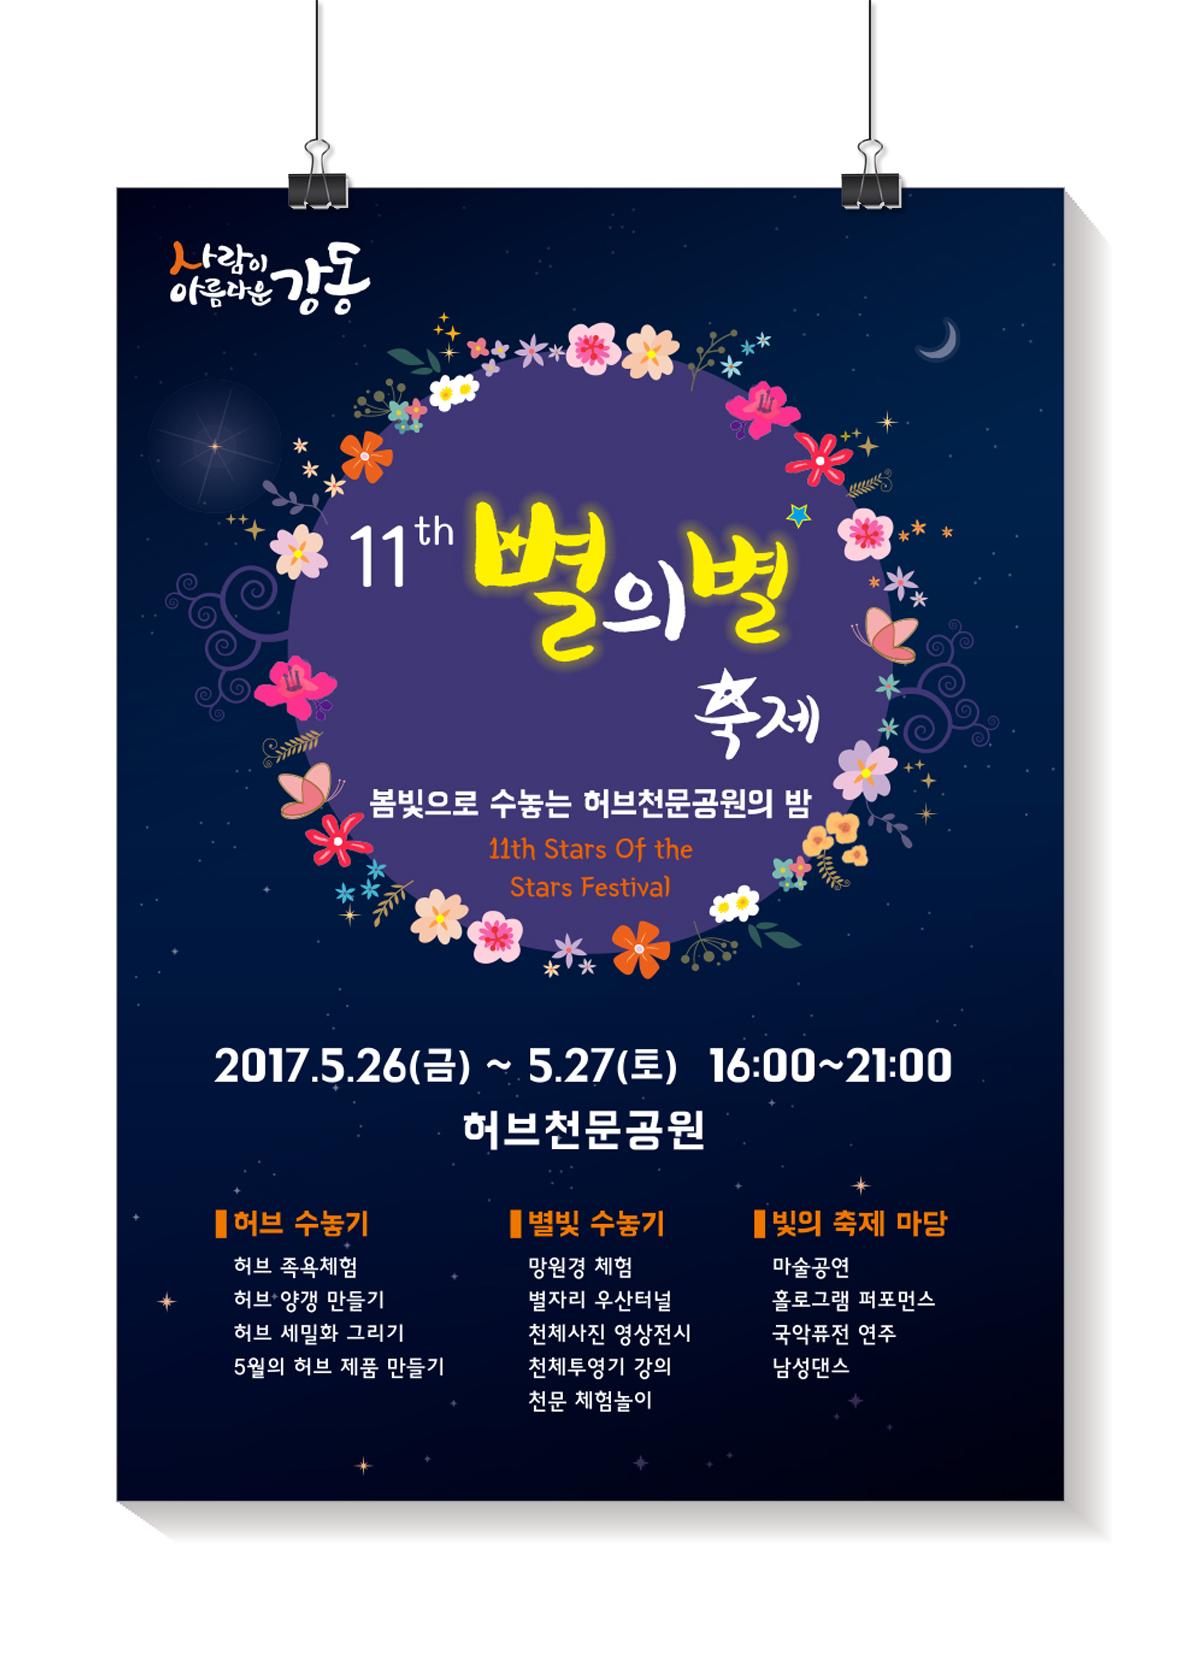 포스터_강동구청_별의별축제